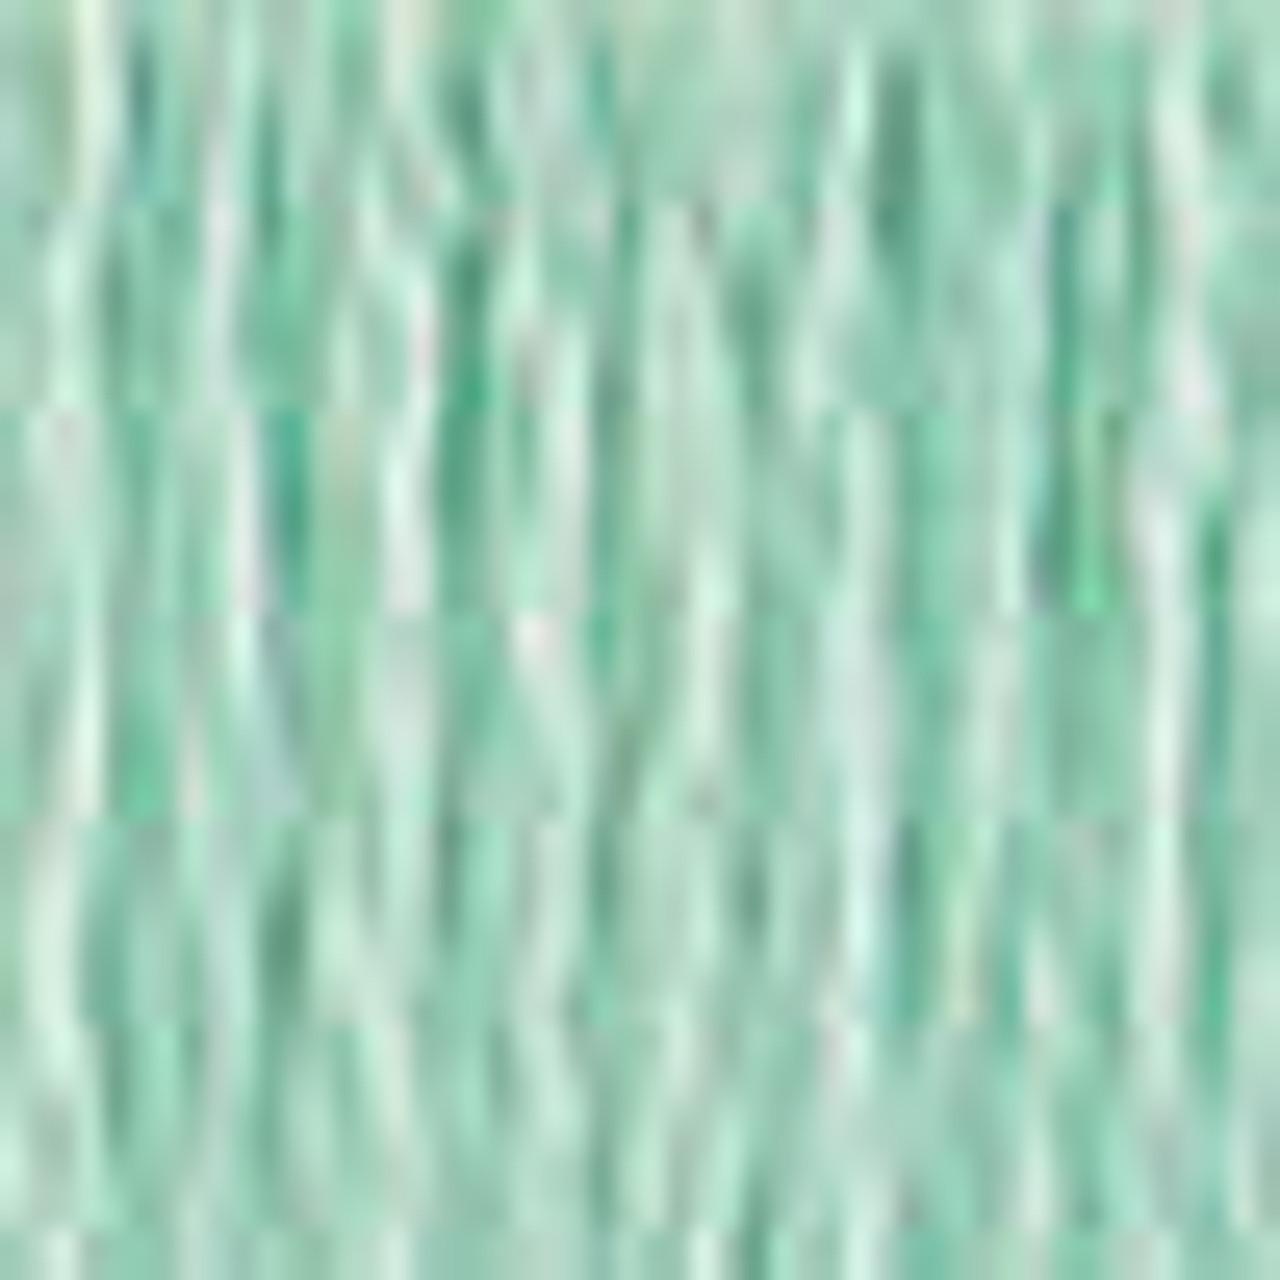 DMC # 564 Very Light Jade Floss / Thread